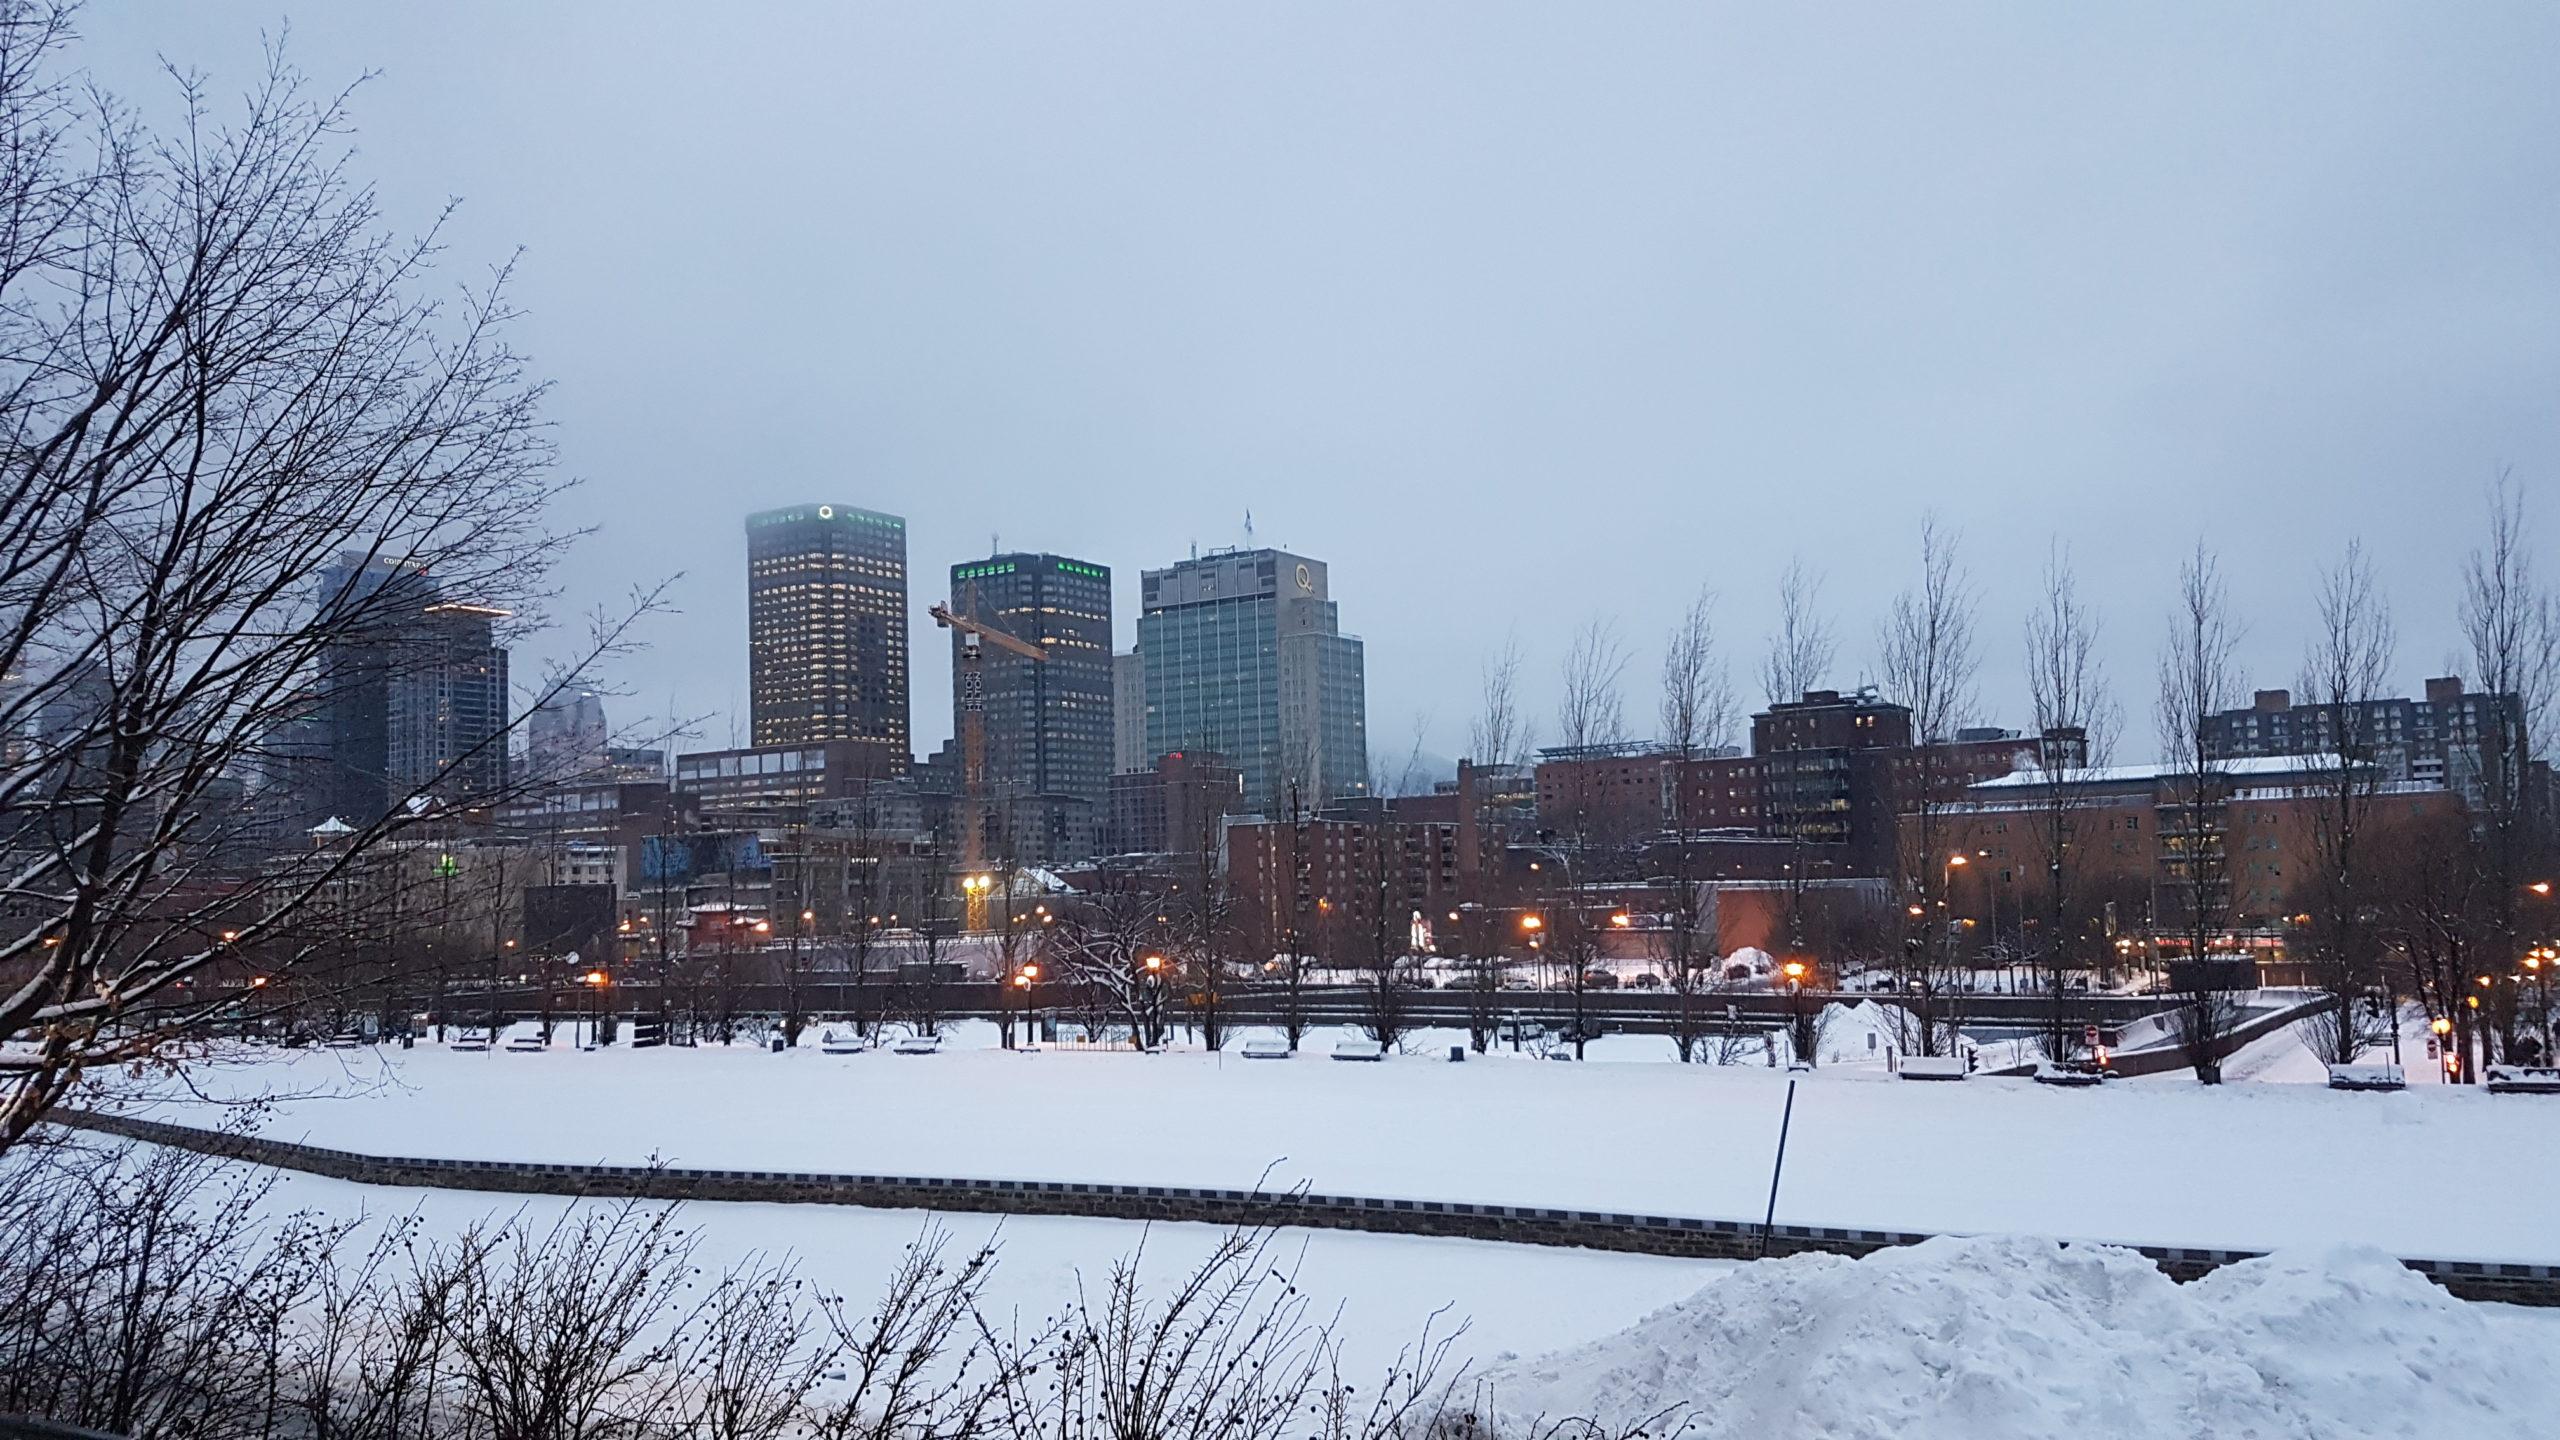 La ville commence à s'éclairer tout doucement à mesure que le jour tombe.